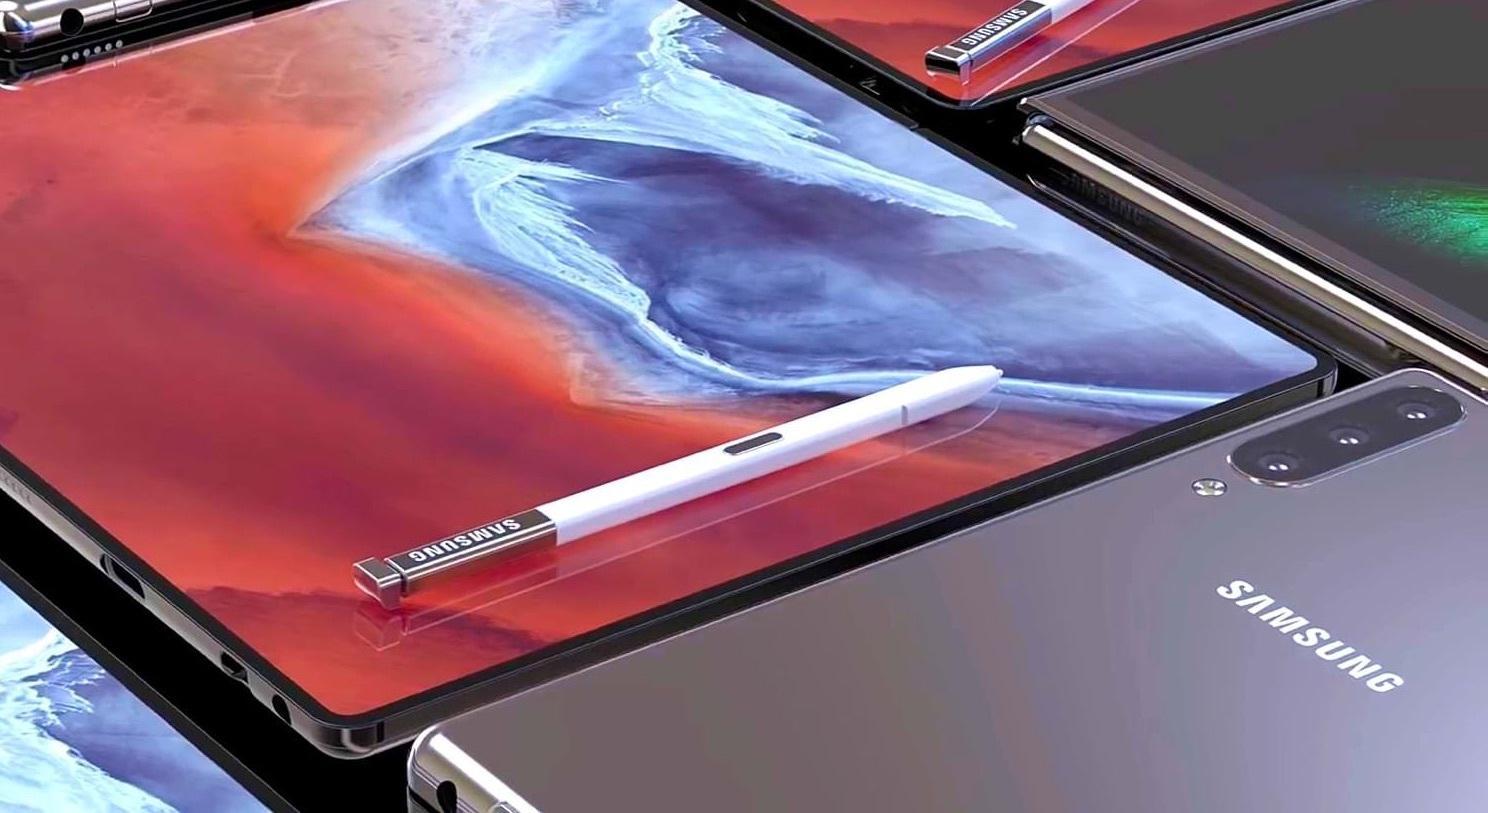 Samsung готовится к запуску Galaxy Fold 2, уже стали известны некоторые характеристики камеры (ef1c9129a540b877bc7a85fd5f3e945e57f9c29d)